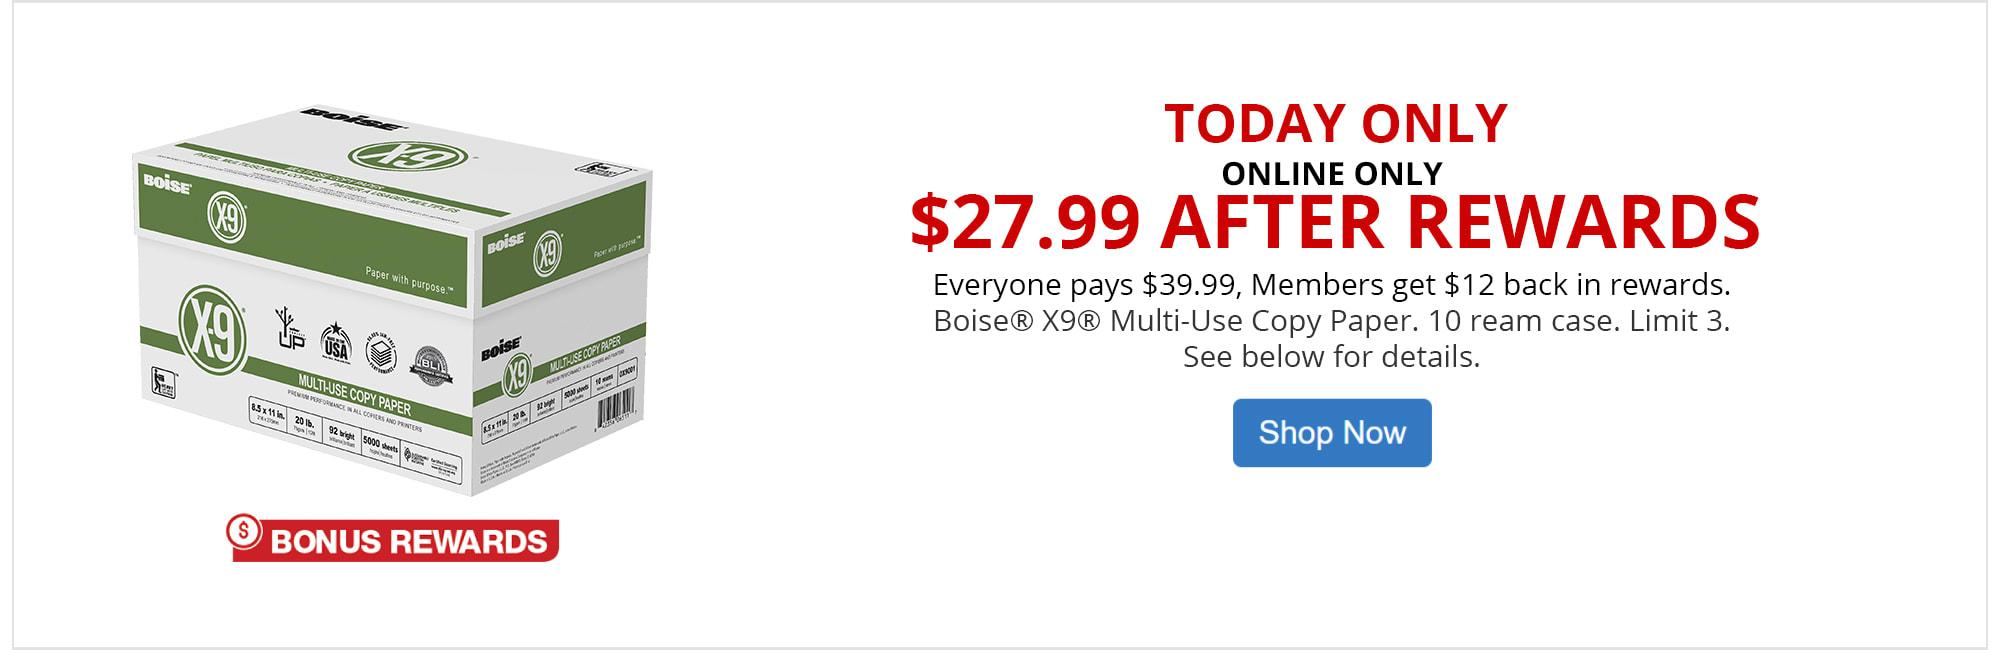 3420_Boise_BonusRewards_desktop